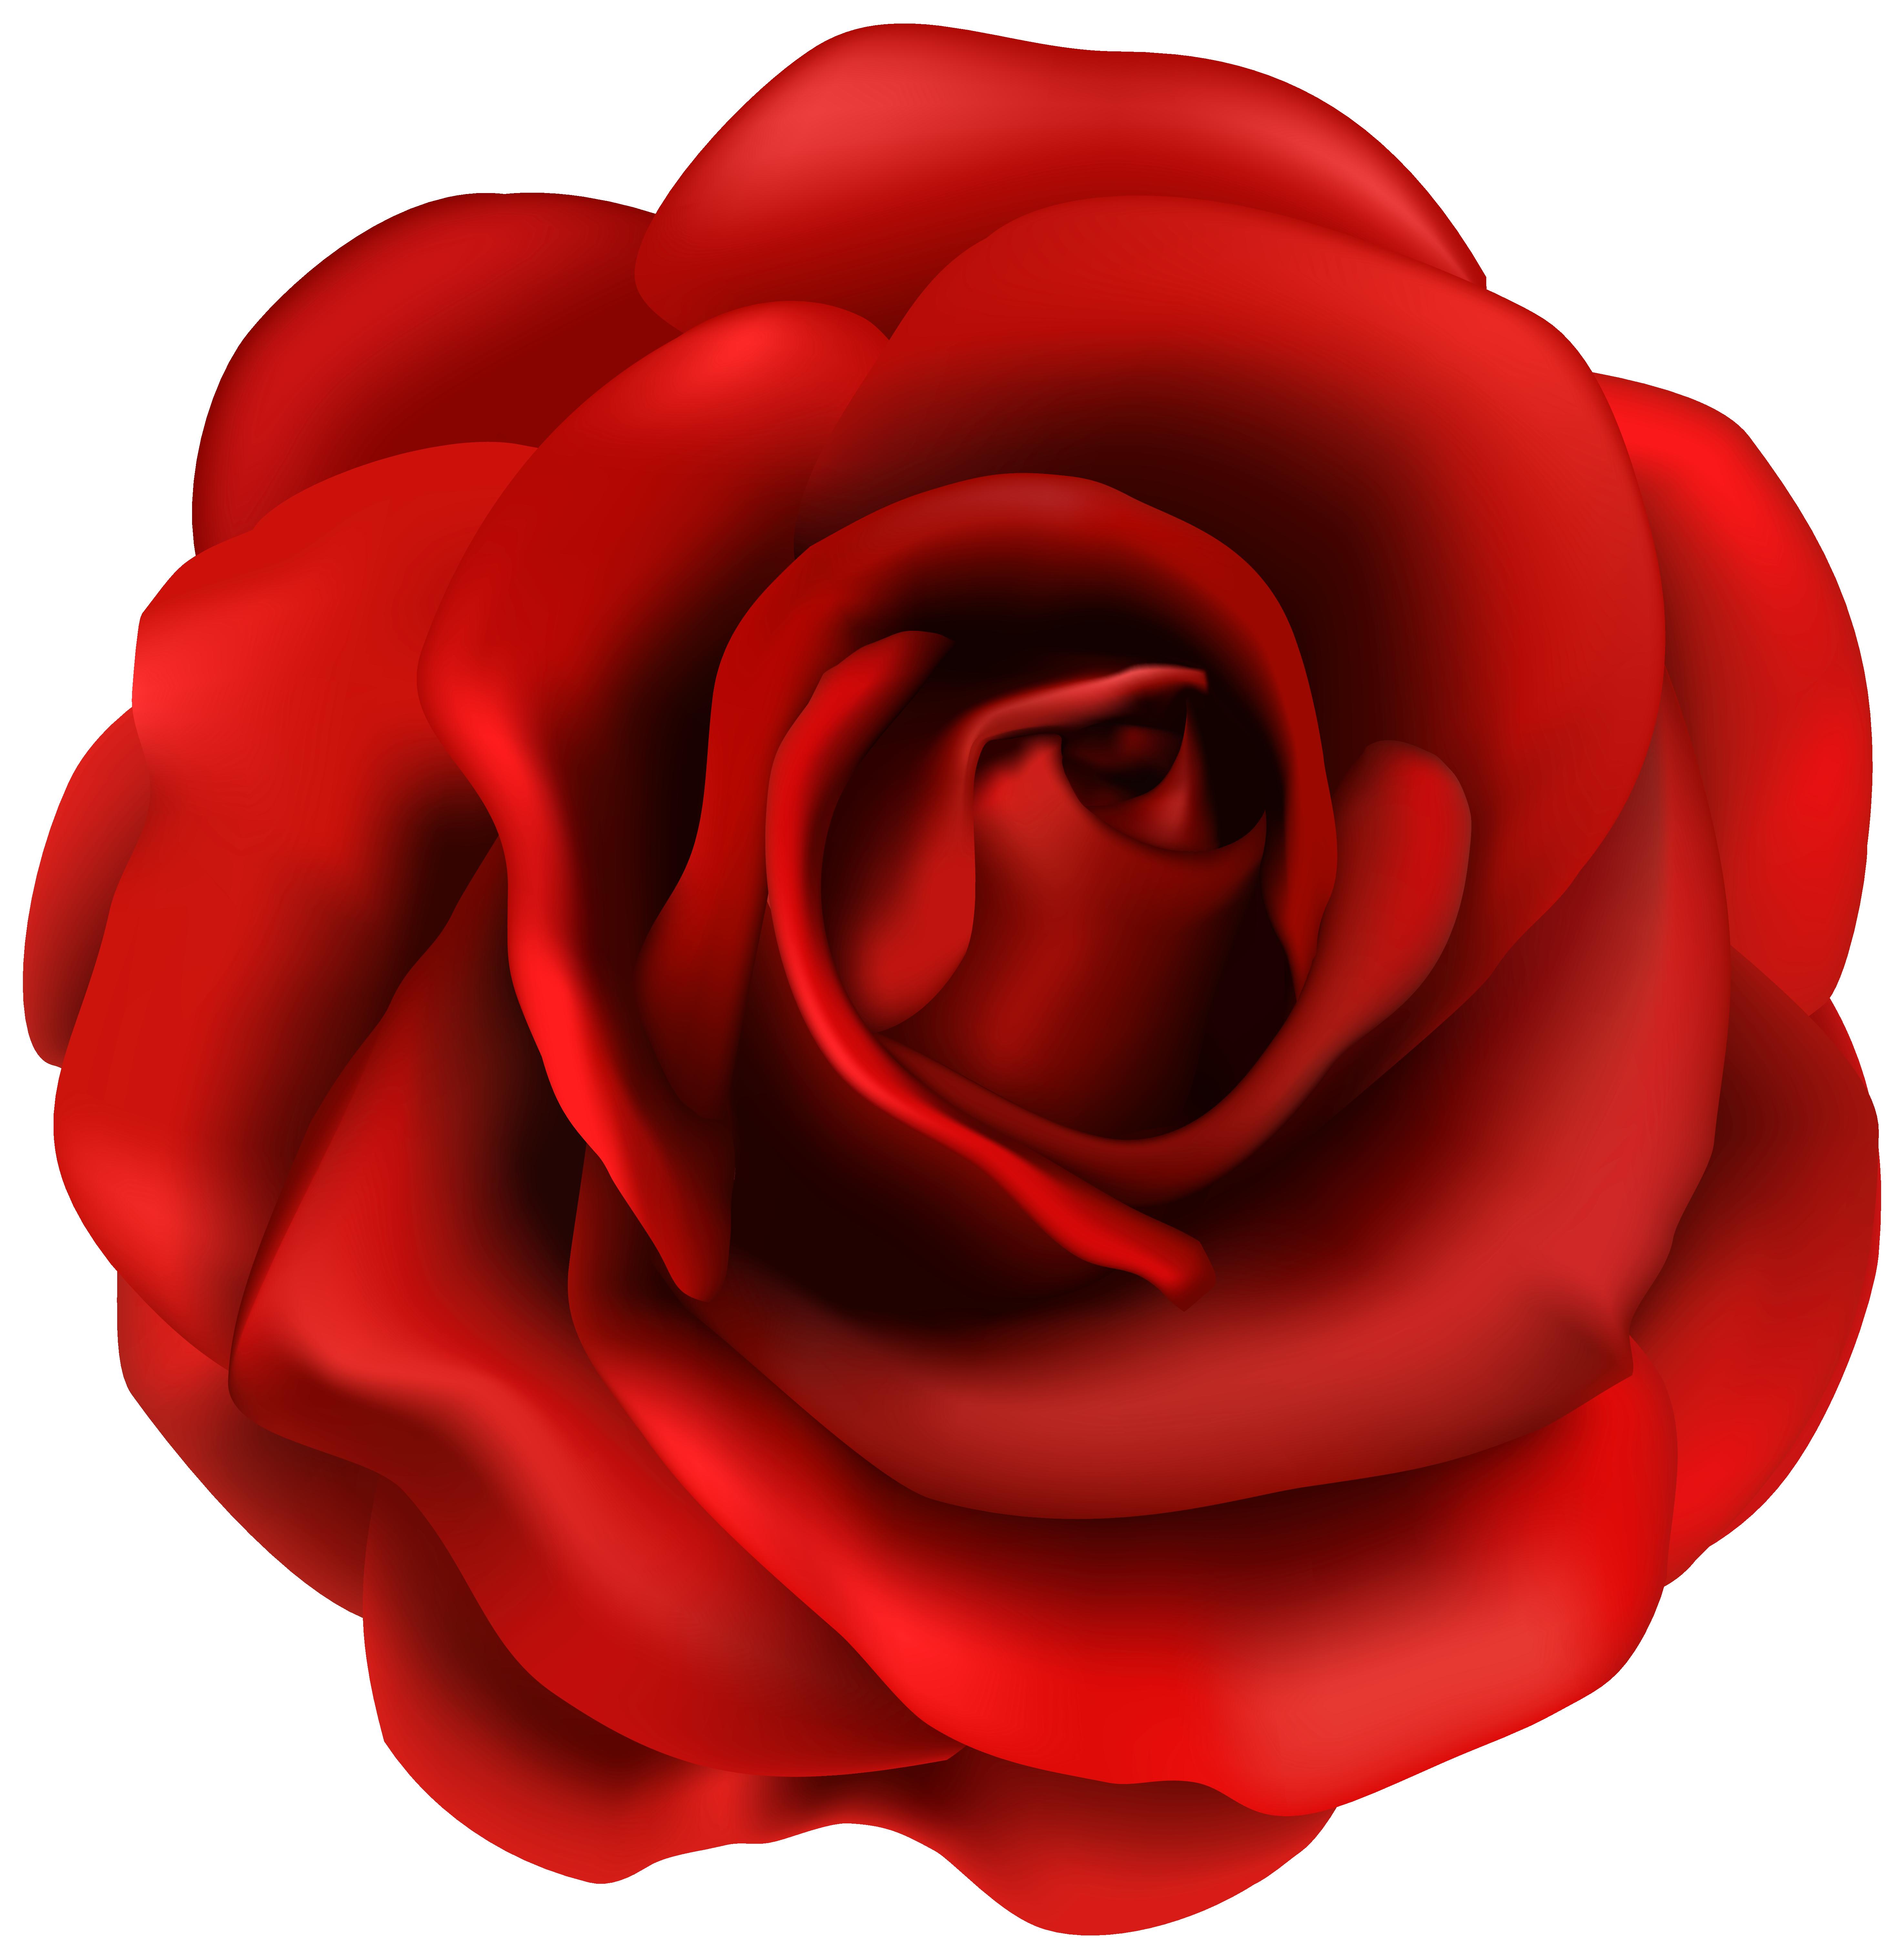 Rose Flower Clip art.